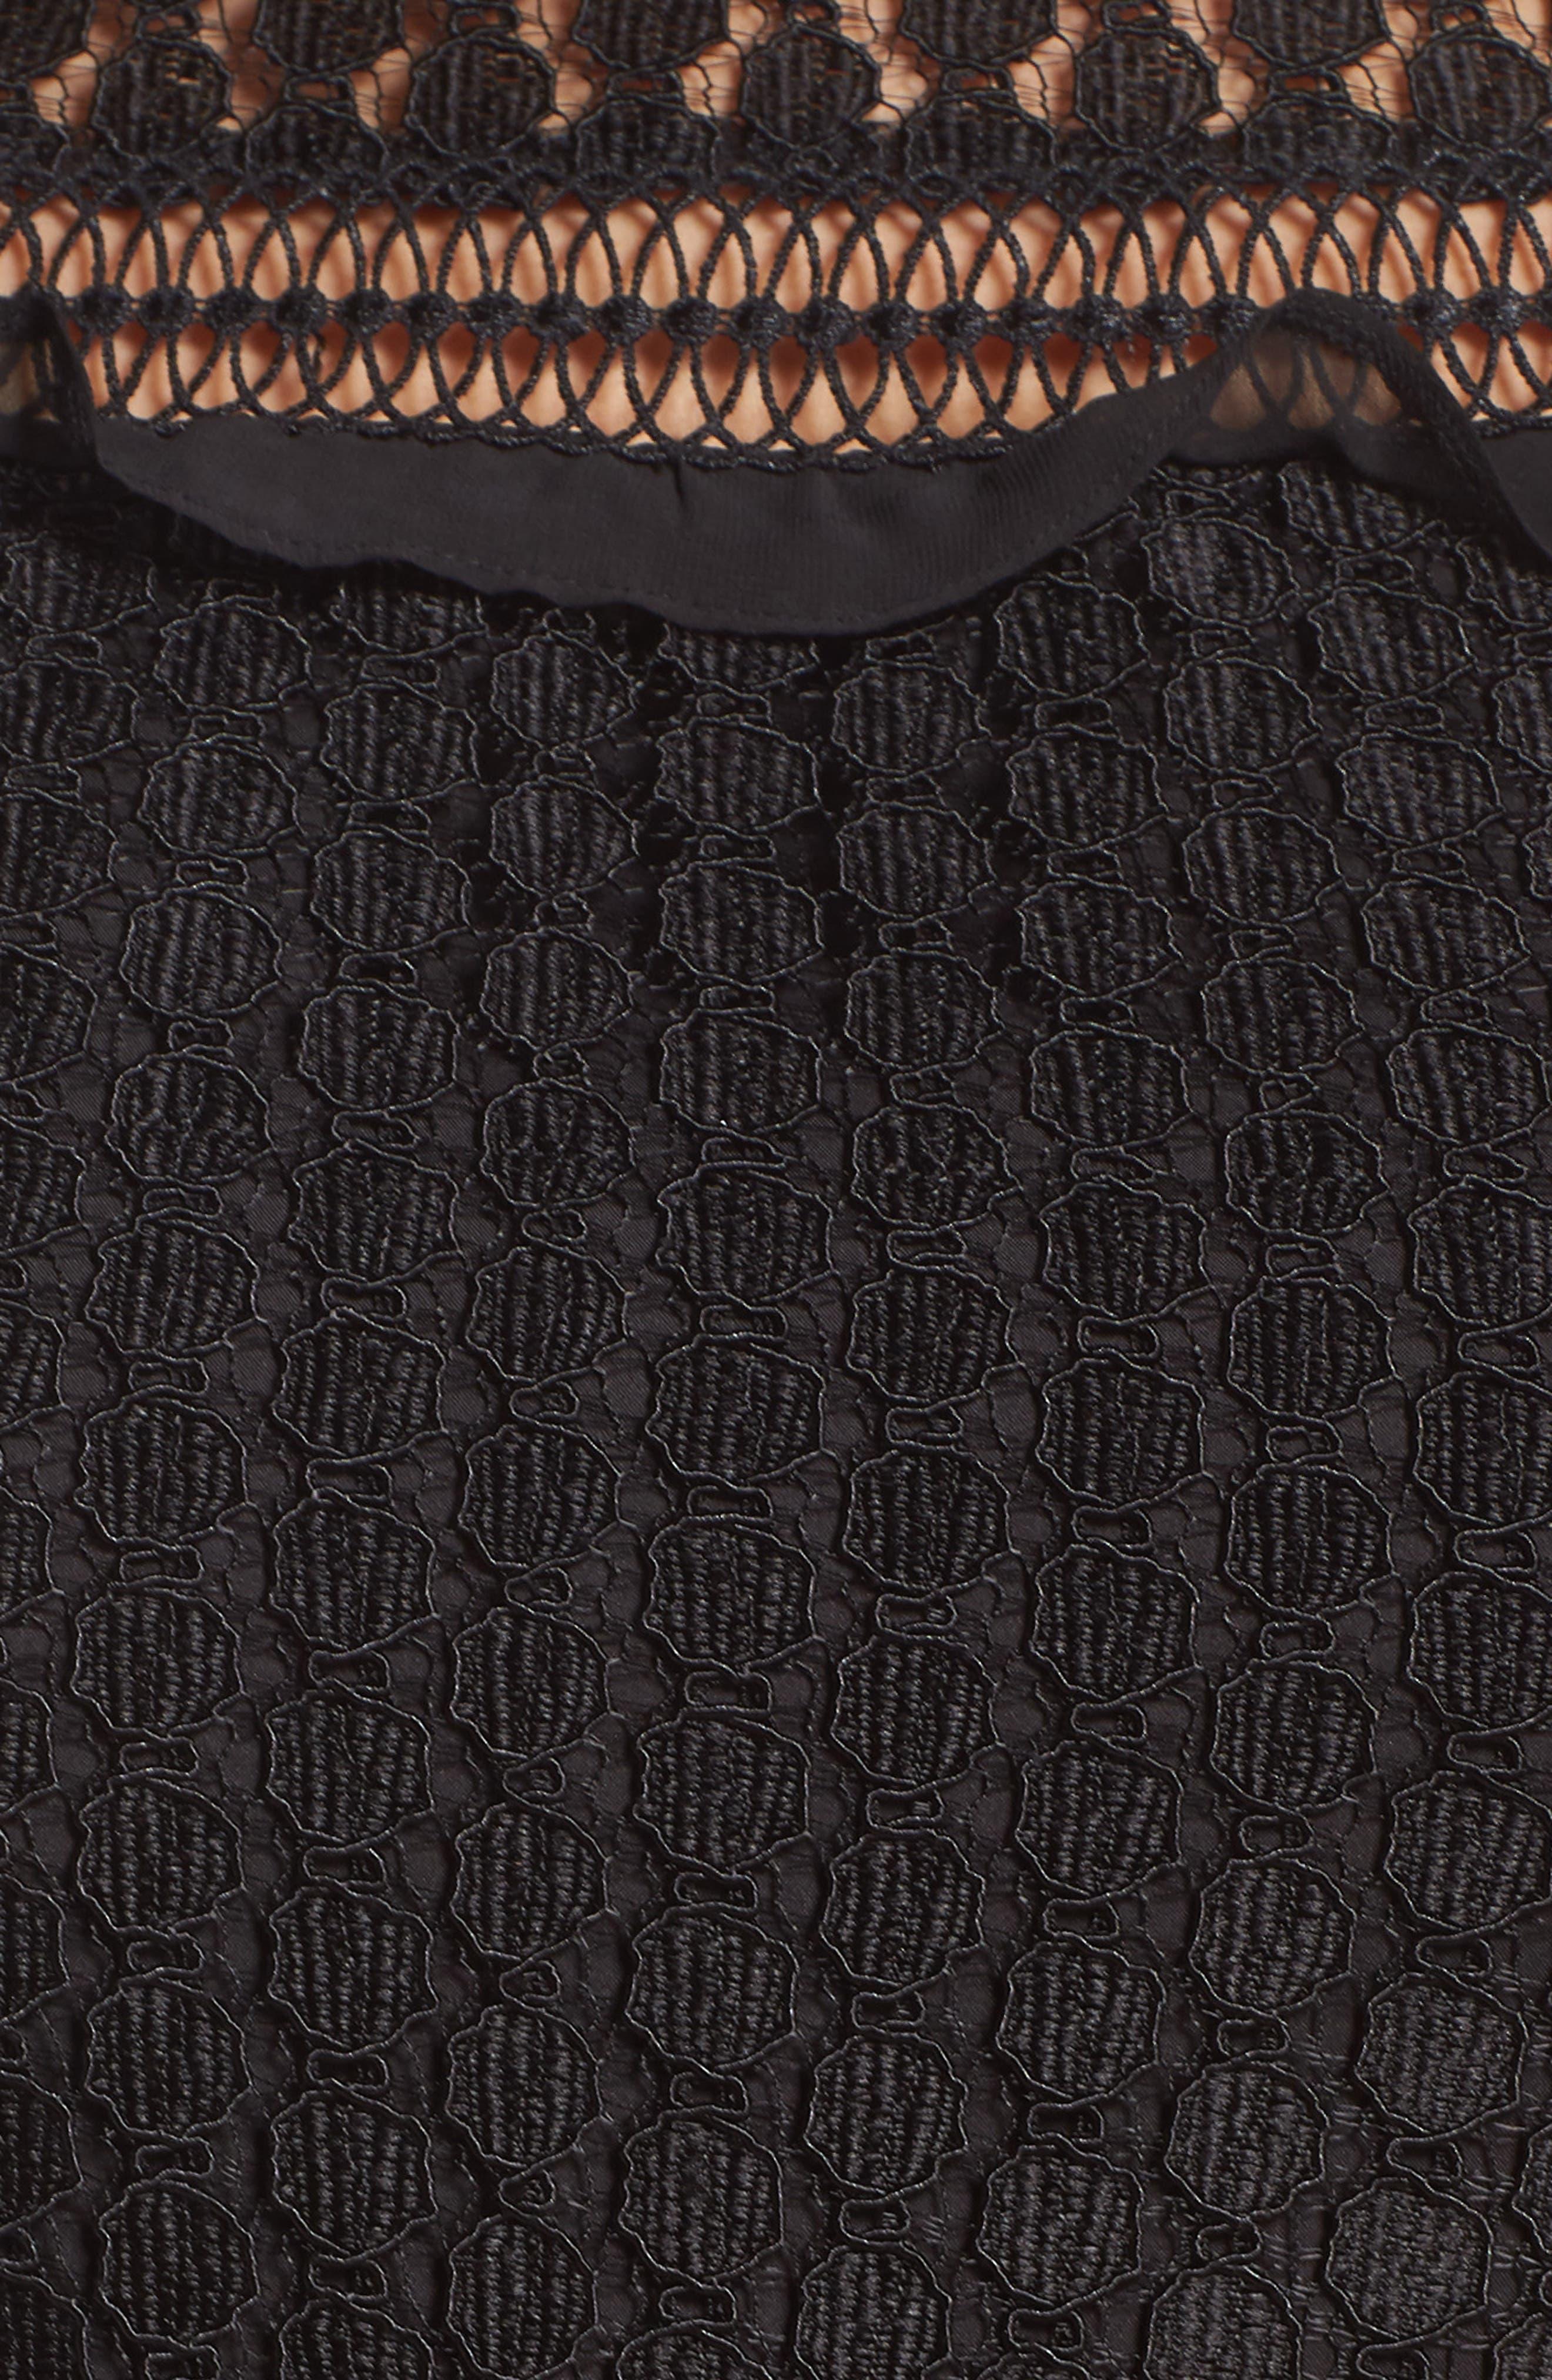 Lace Crop Jumpsuit,                             Alternate thumbnail 6, color,                             BLACK